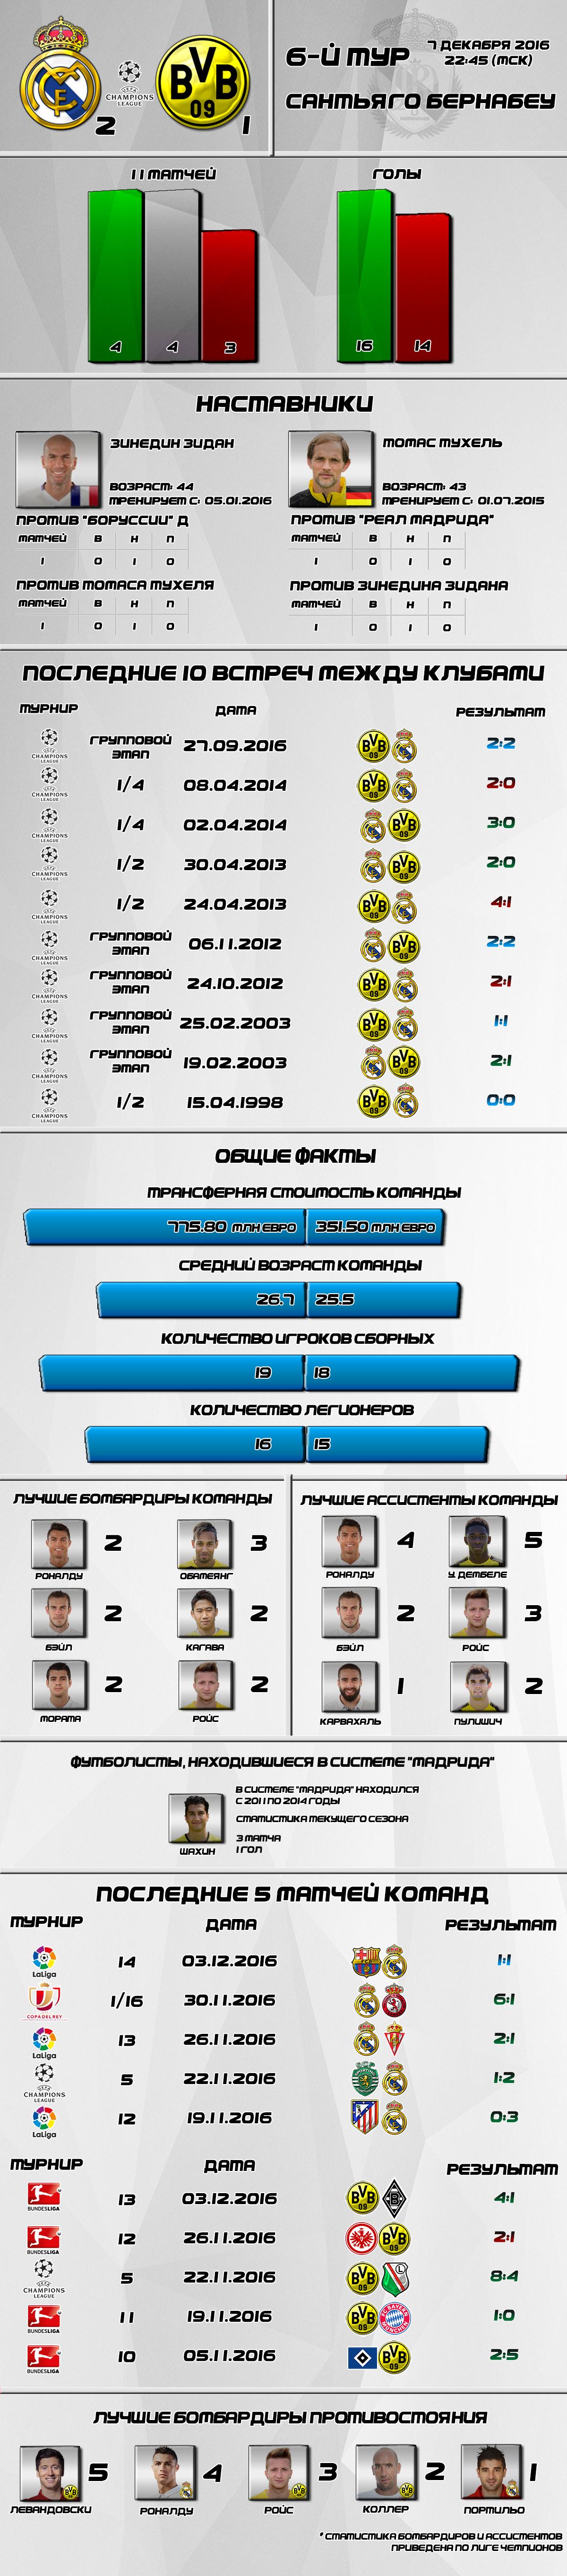 Сливочное превью. 6-й тур Лиги Чемпионов